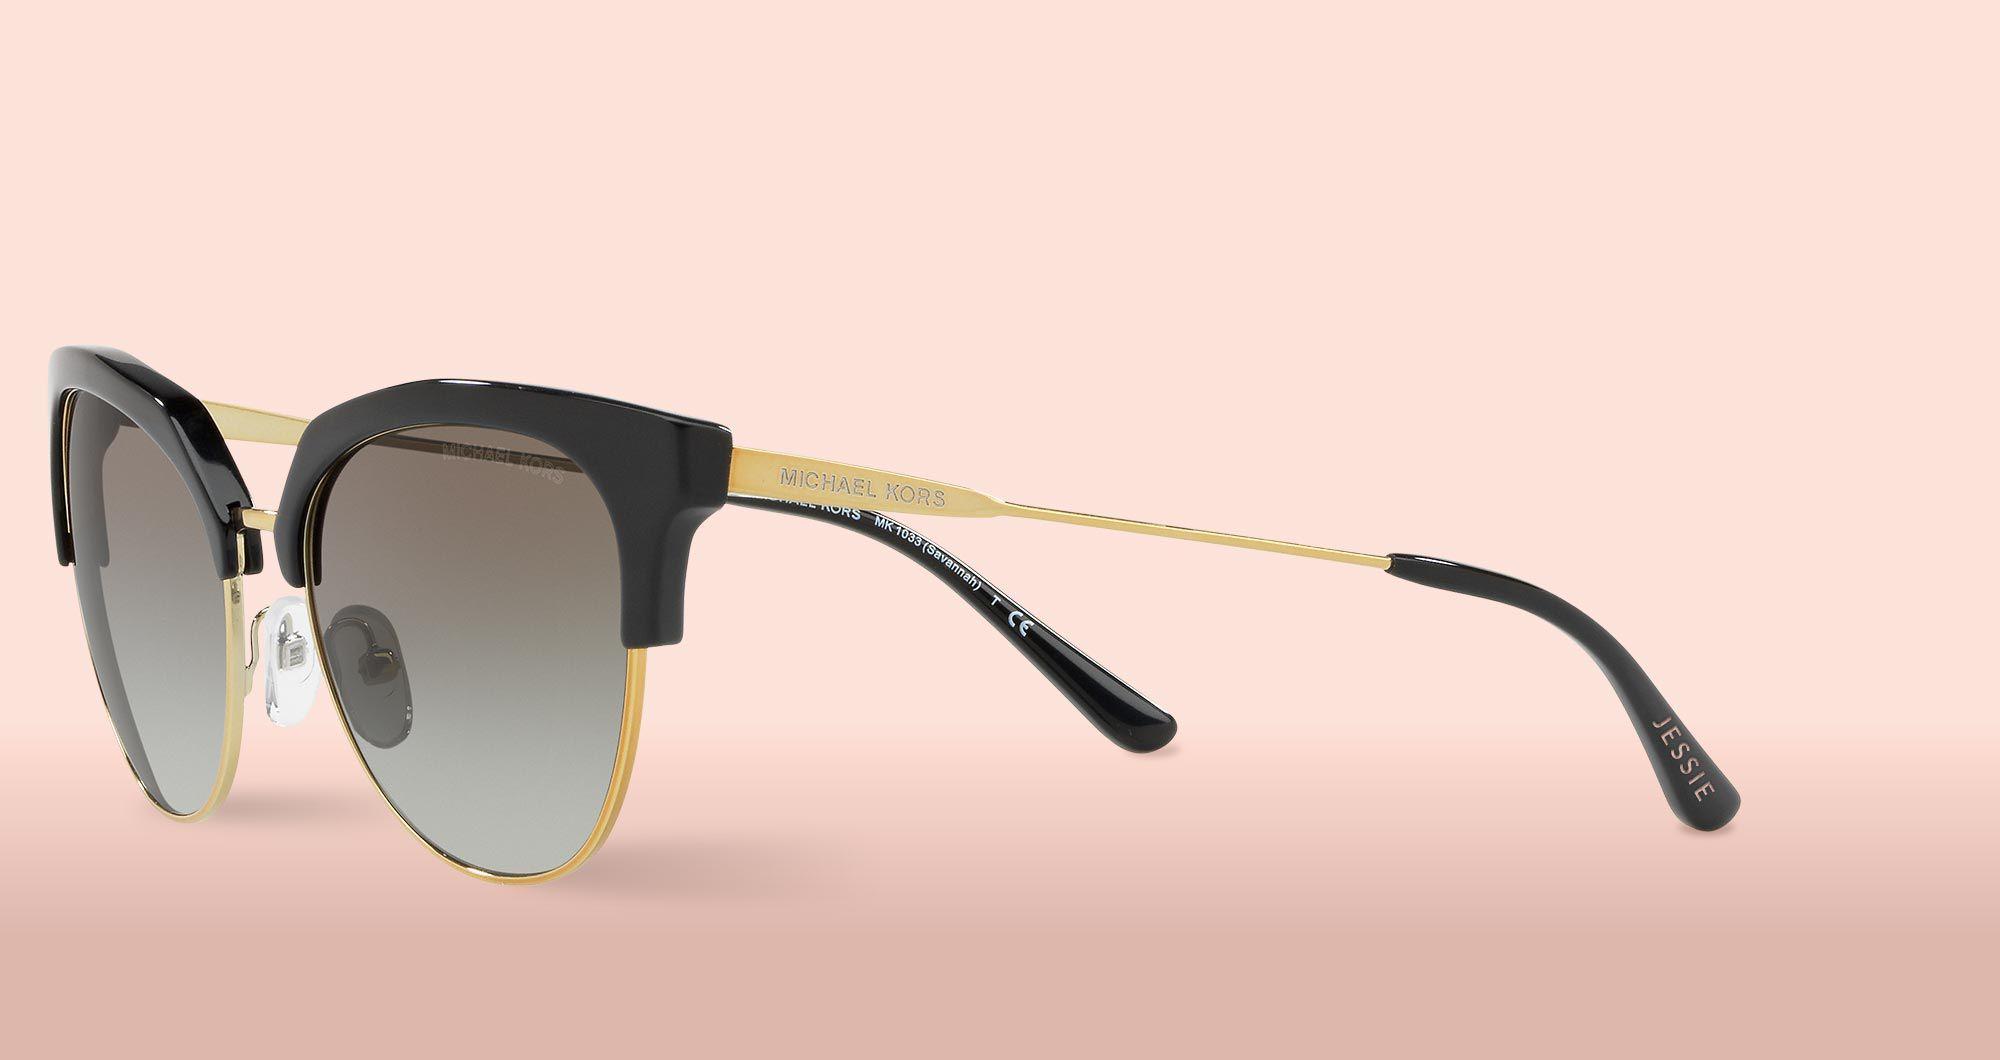 7d3ce27b8a07 Michael Kors Women's Sunglasses Collection | Sunglass Hut